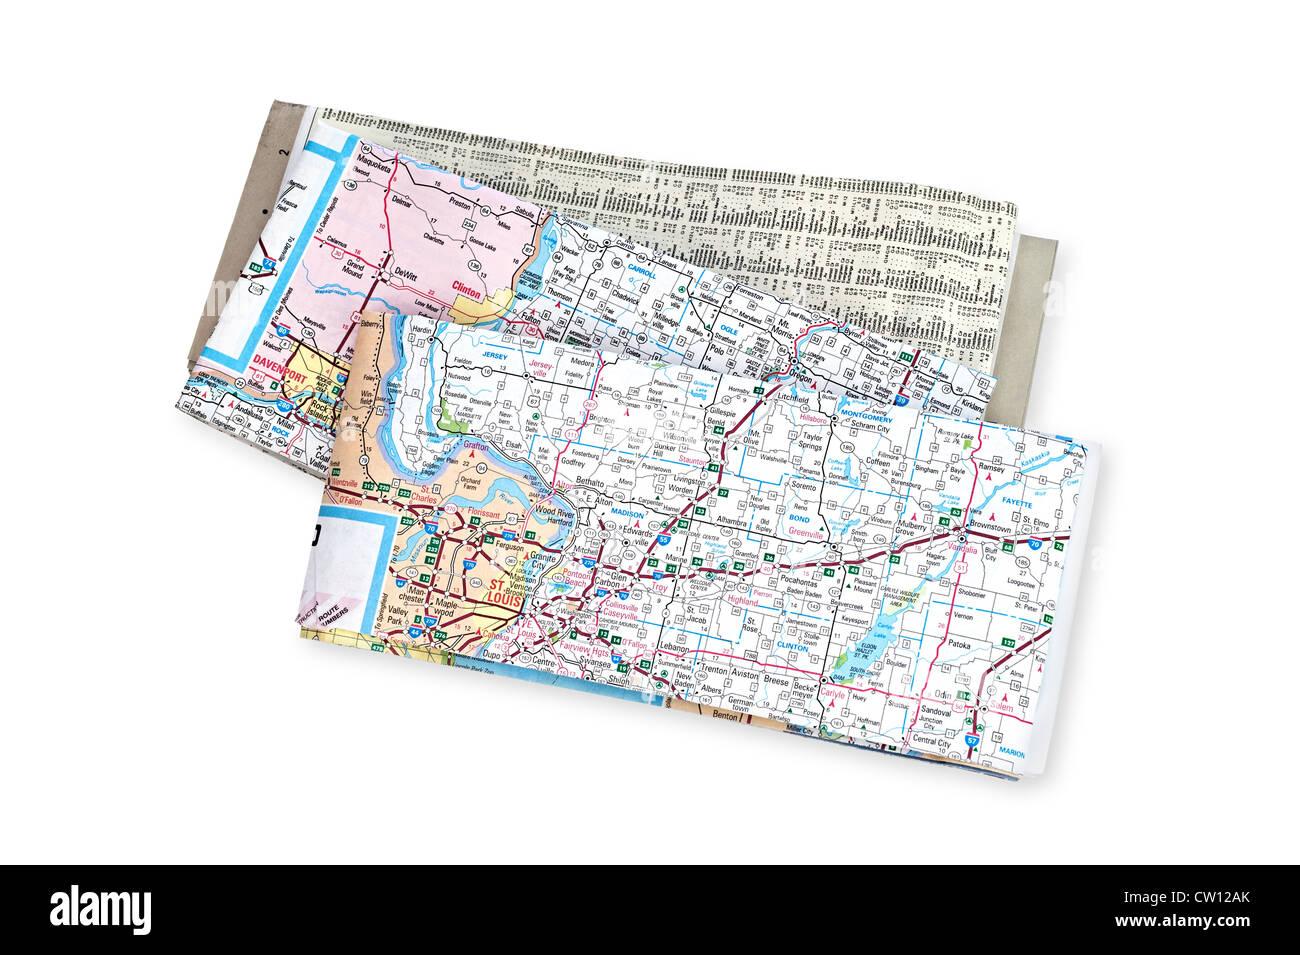 Mappe stradali per uso durante le vacanze, affari e viaggi generali di orientamento. Immagini Stock